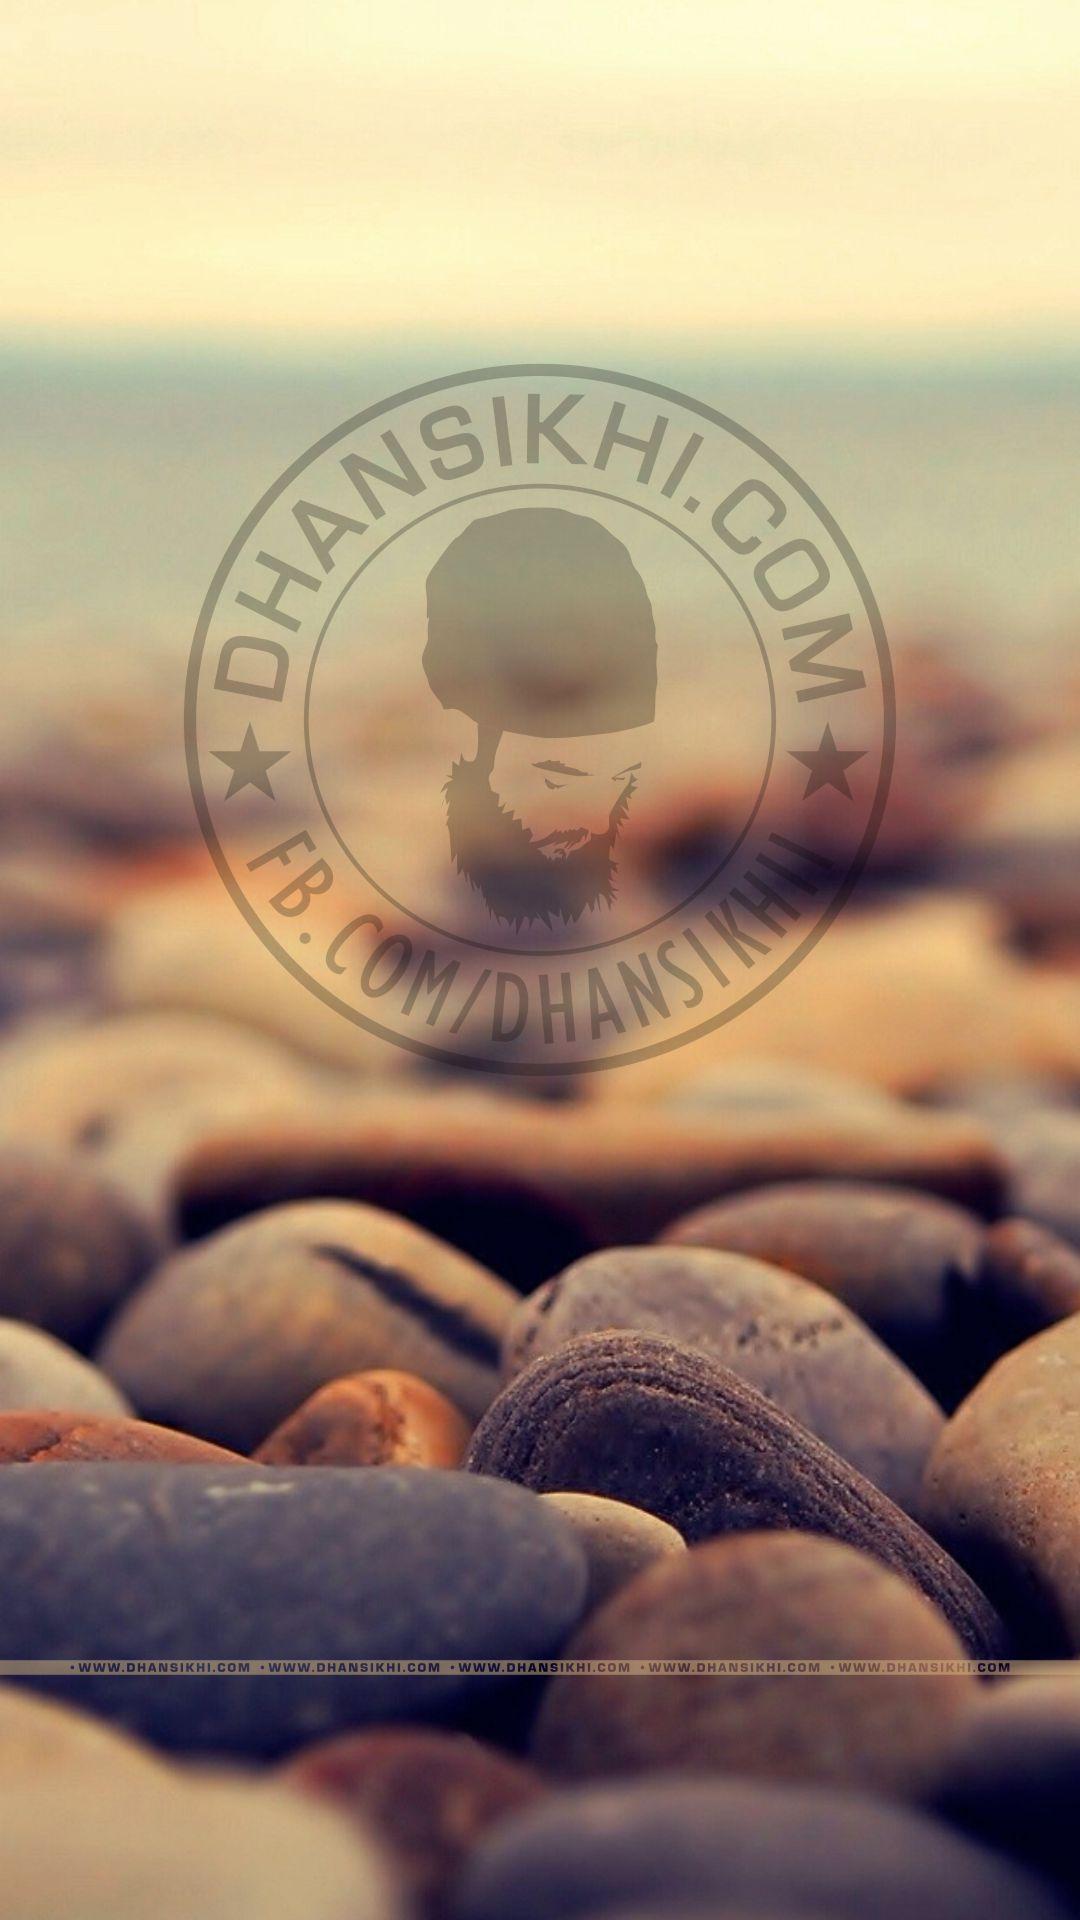 Dhansikhi logo with stones